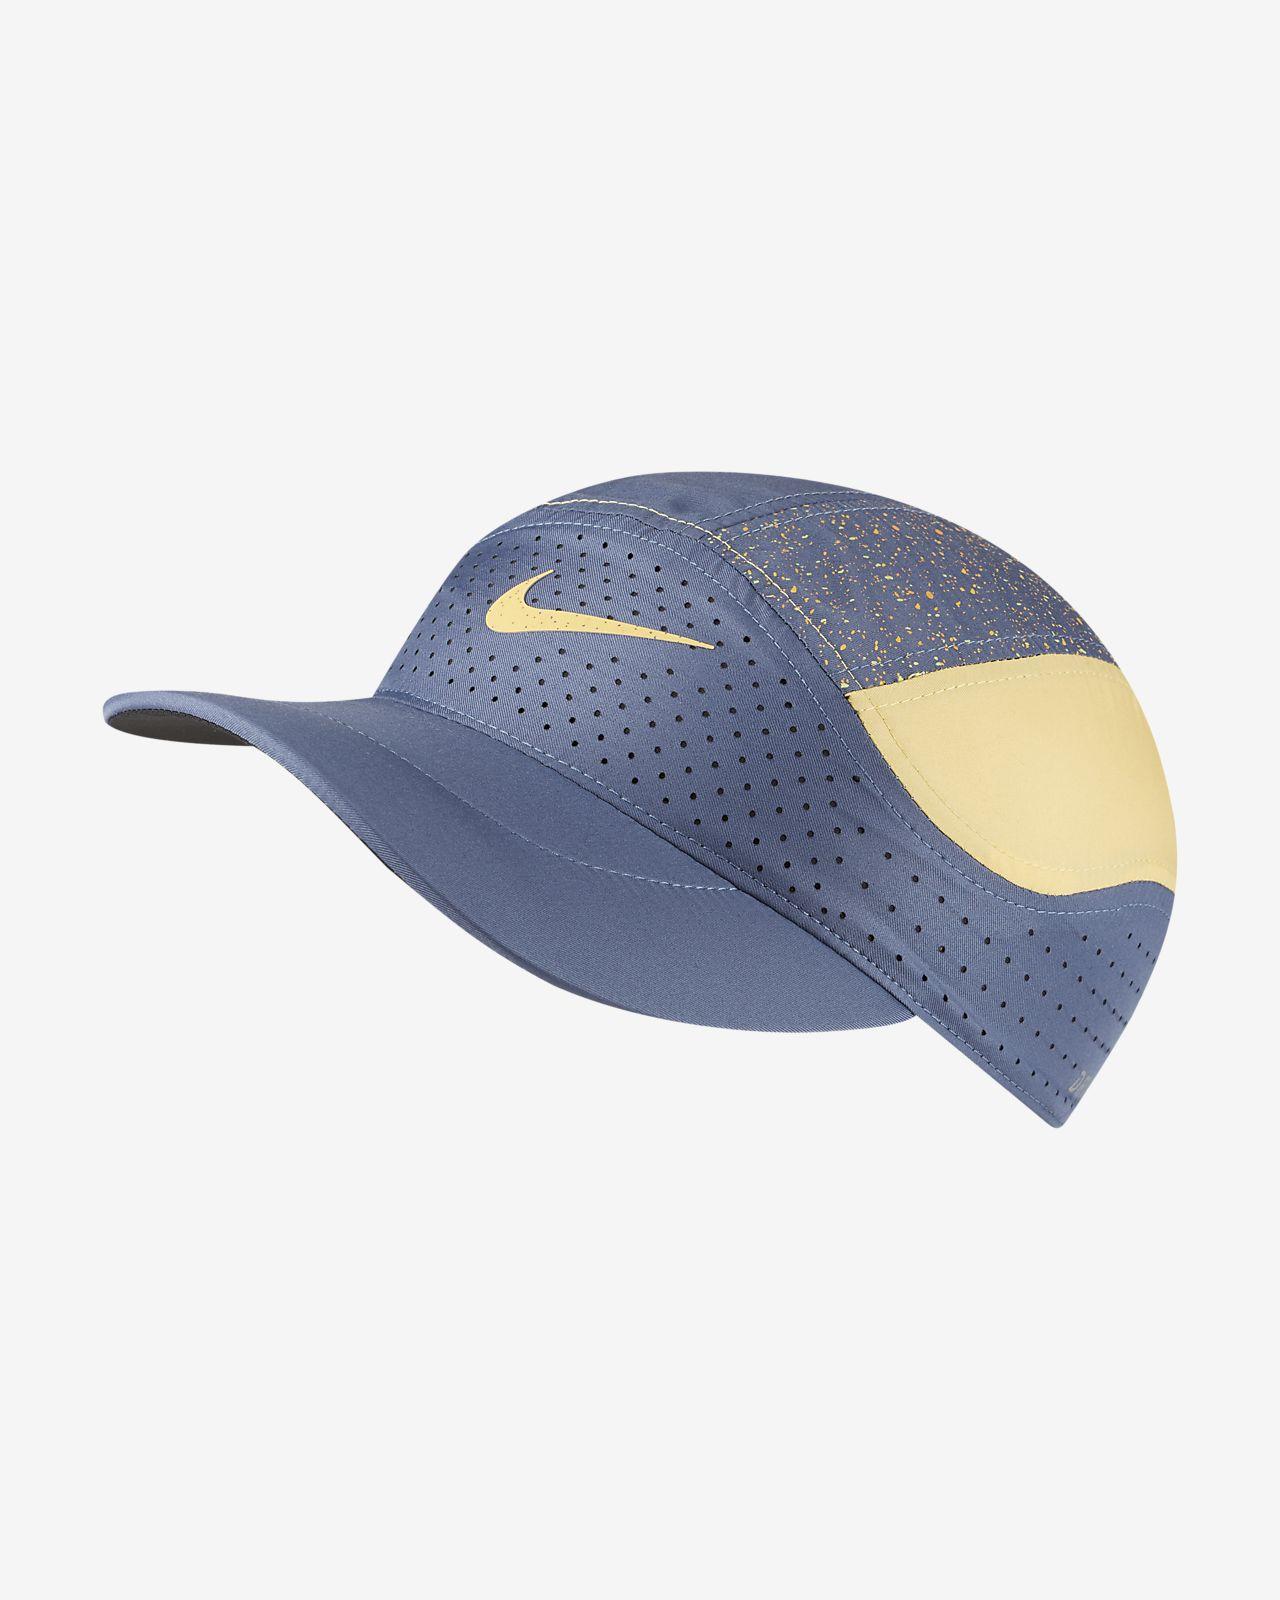 หมวกแก๊ปวิ่งผู้หญิง Nike Dri-FIT AeroBill Tailwind